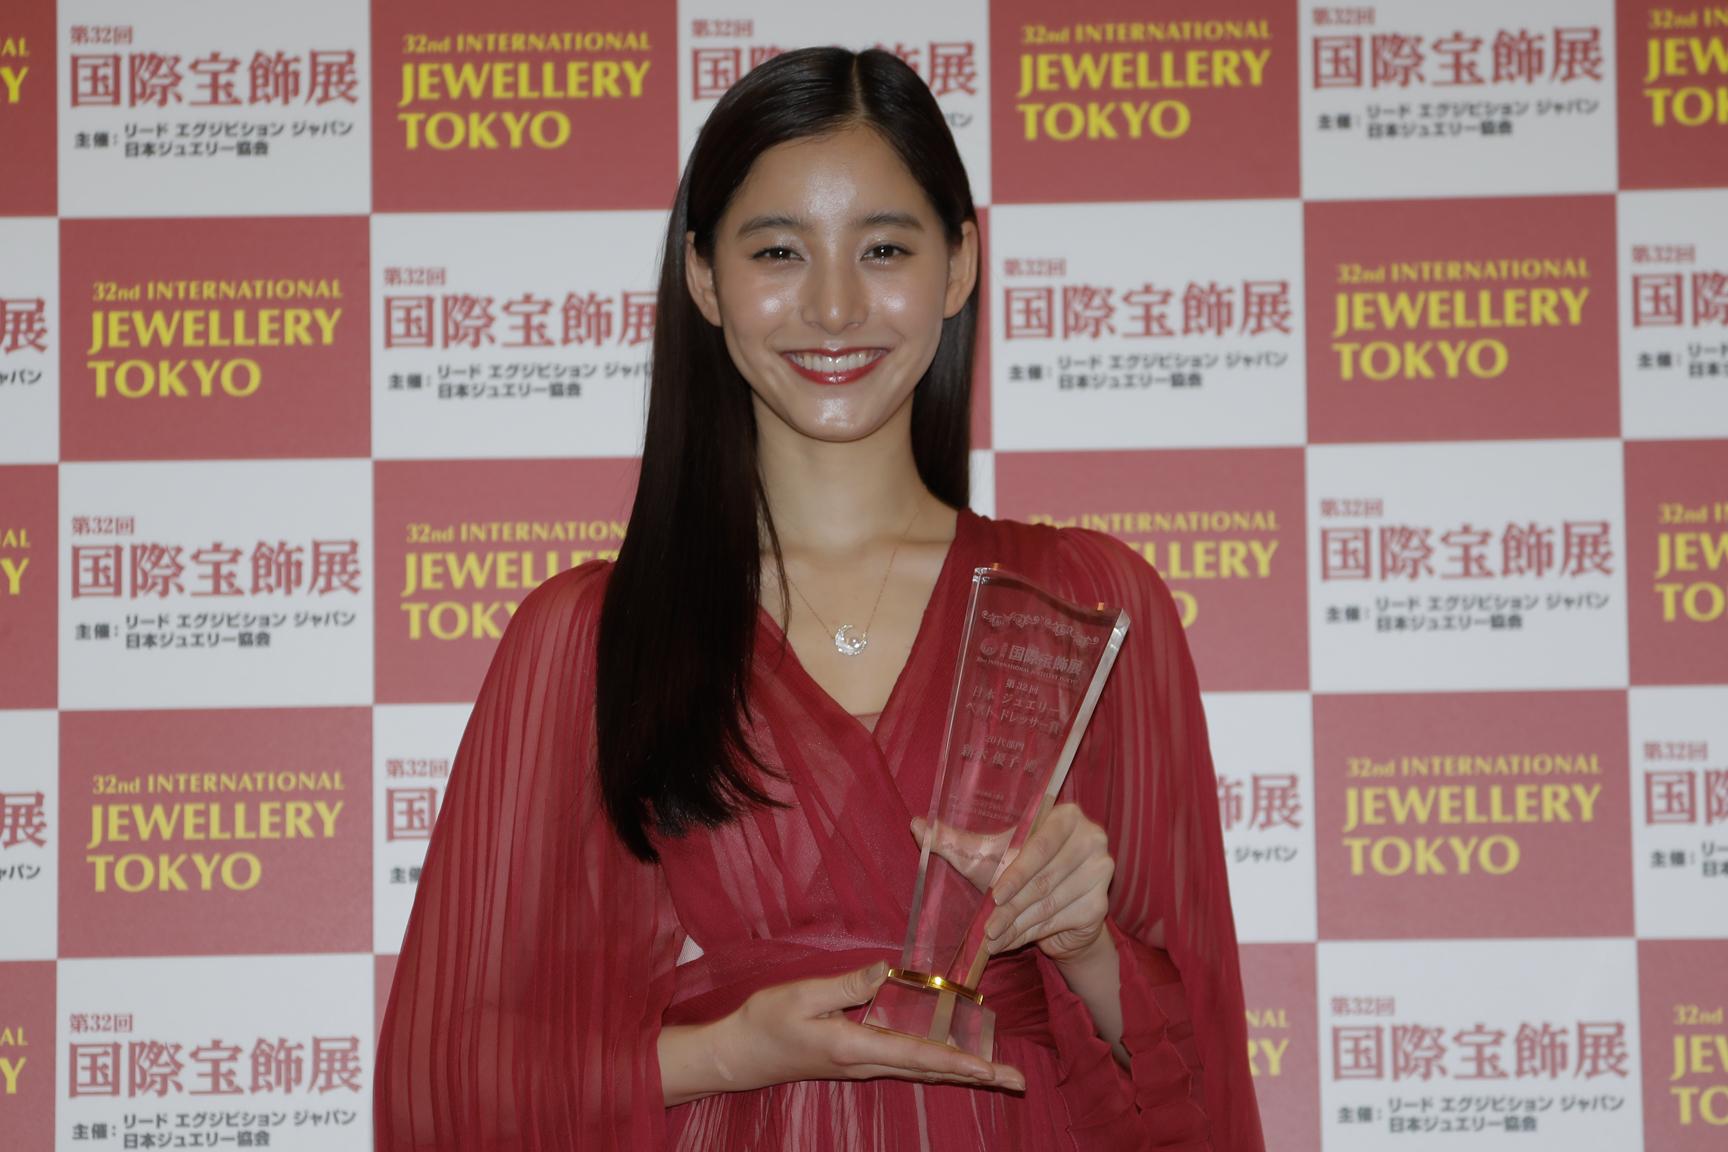 新木優子『第32回日本ジュエリーベストドレッサー賞授賞式』